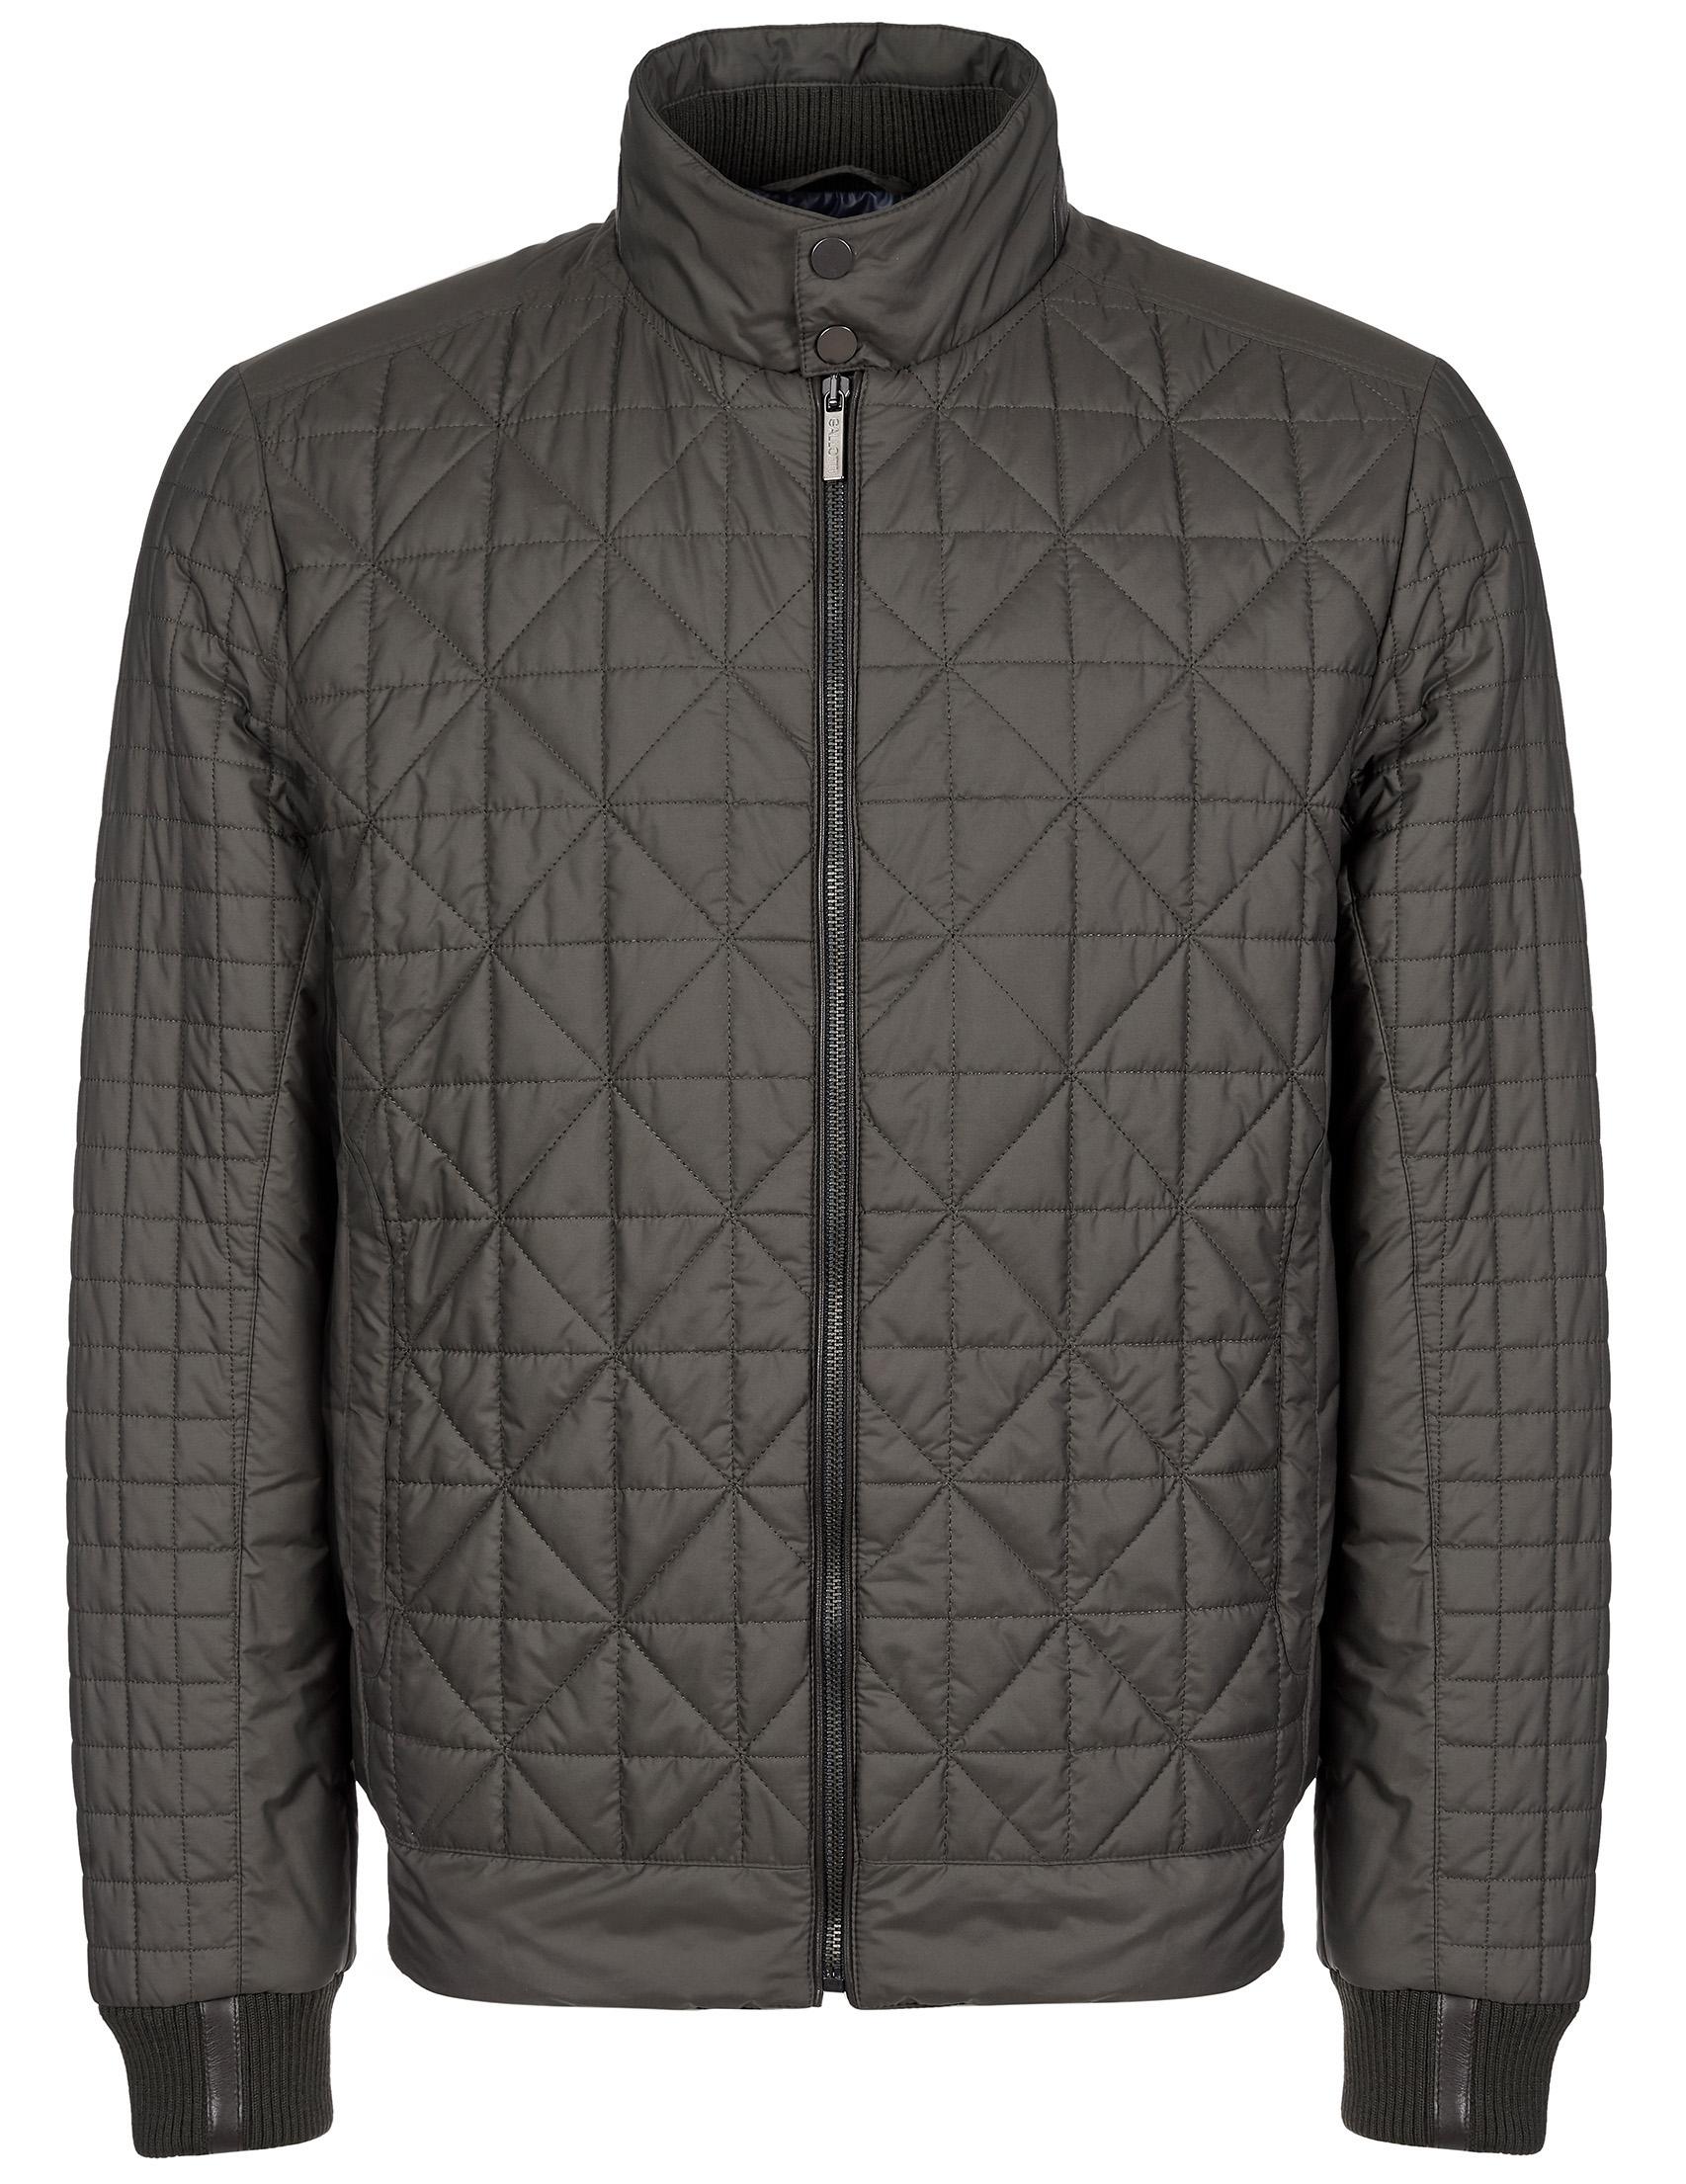 Купить Куртки, Куртка, GALLOTTI, Серый, 100%Полиэстер;100%Кожа, Осень-Зима